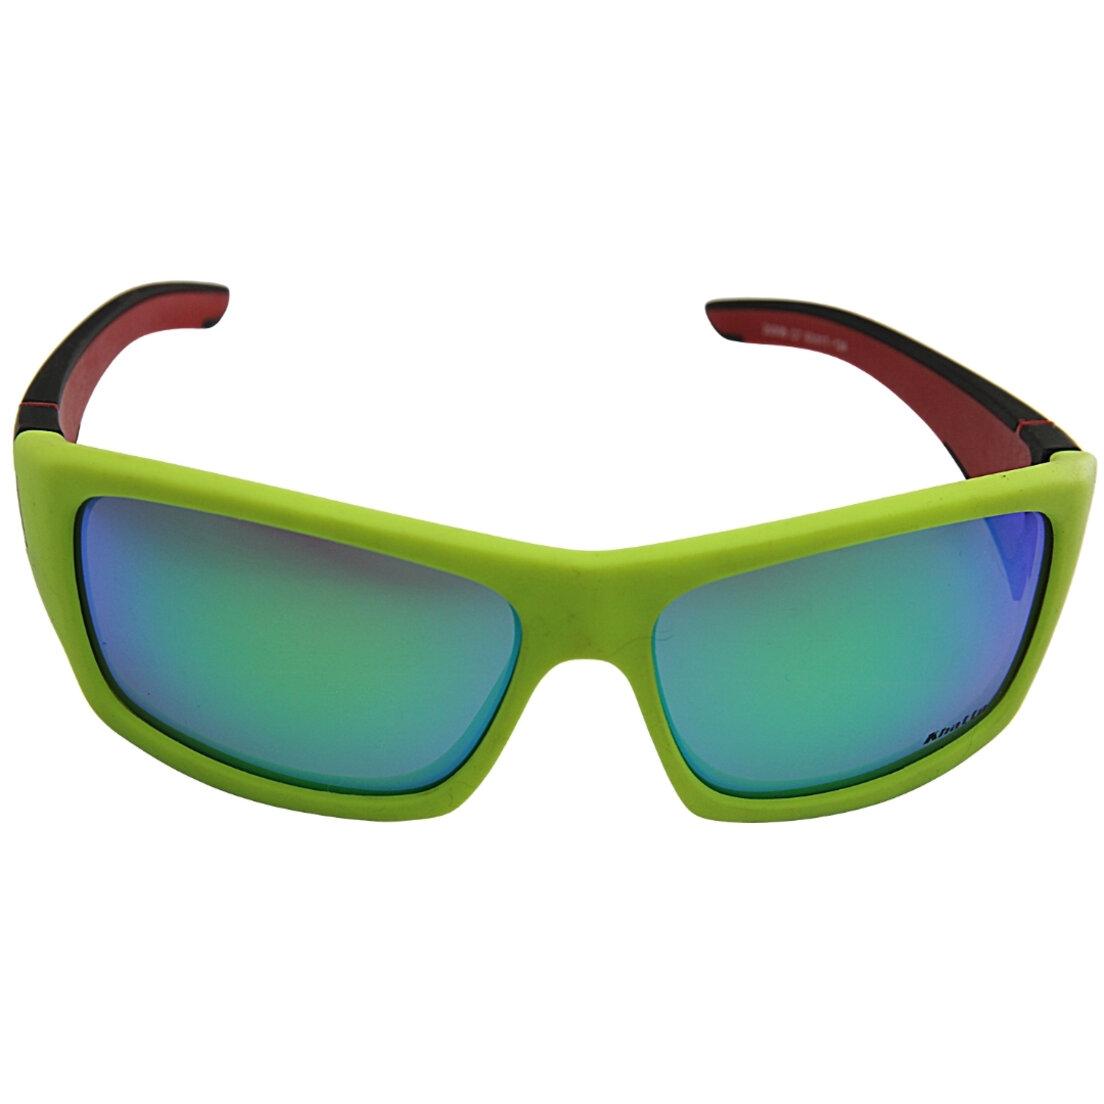 OUTLET - Óculos de Sol Khatto Esportivo Colorfull